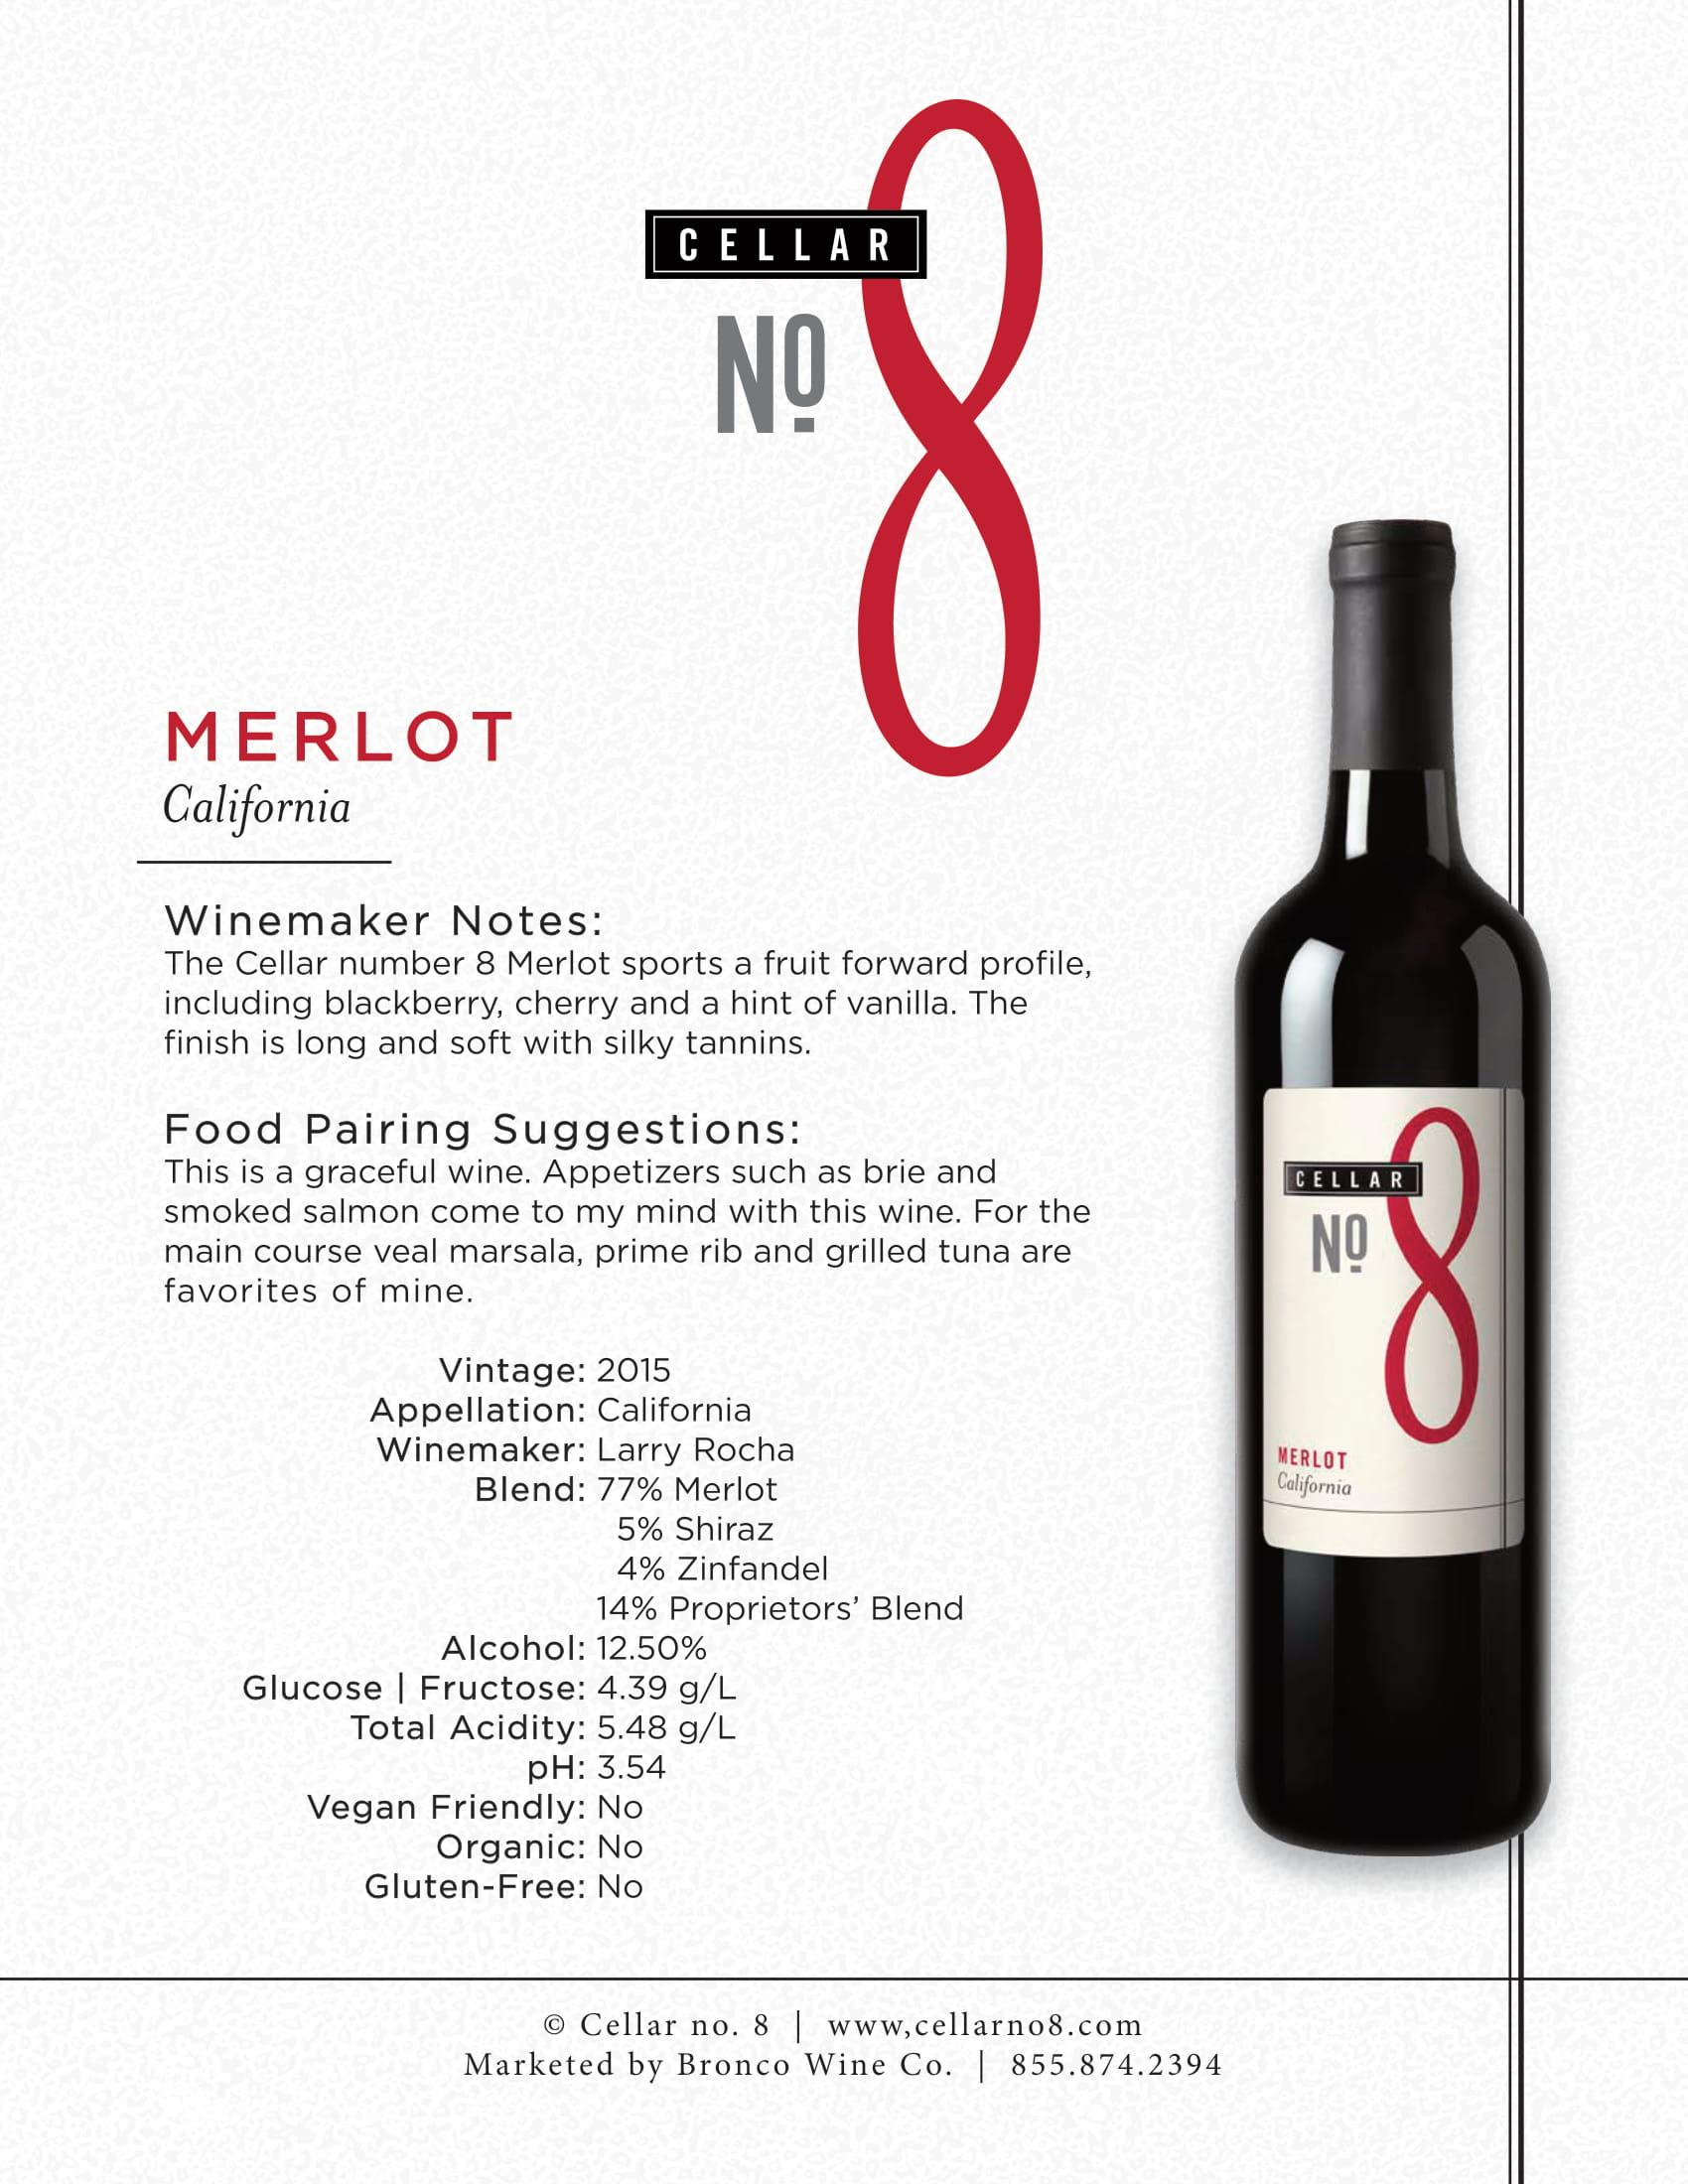 Cellar #8 Merlot Tech Sheet